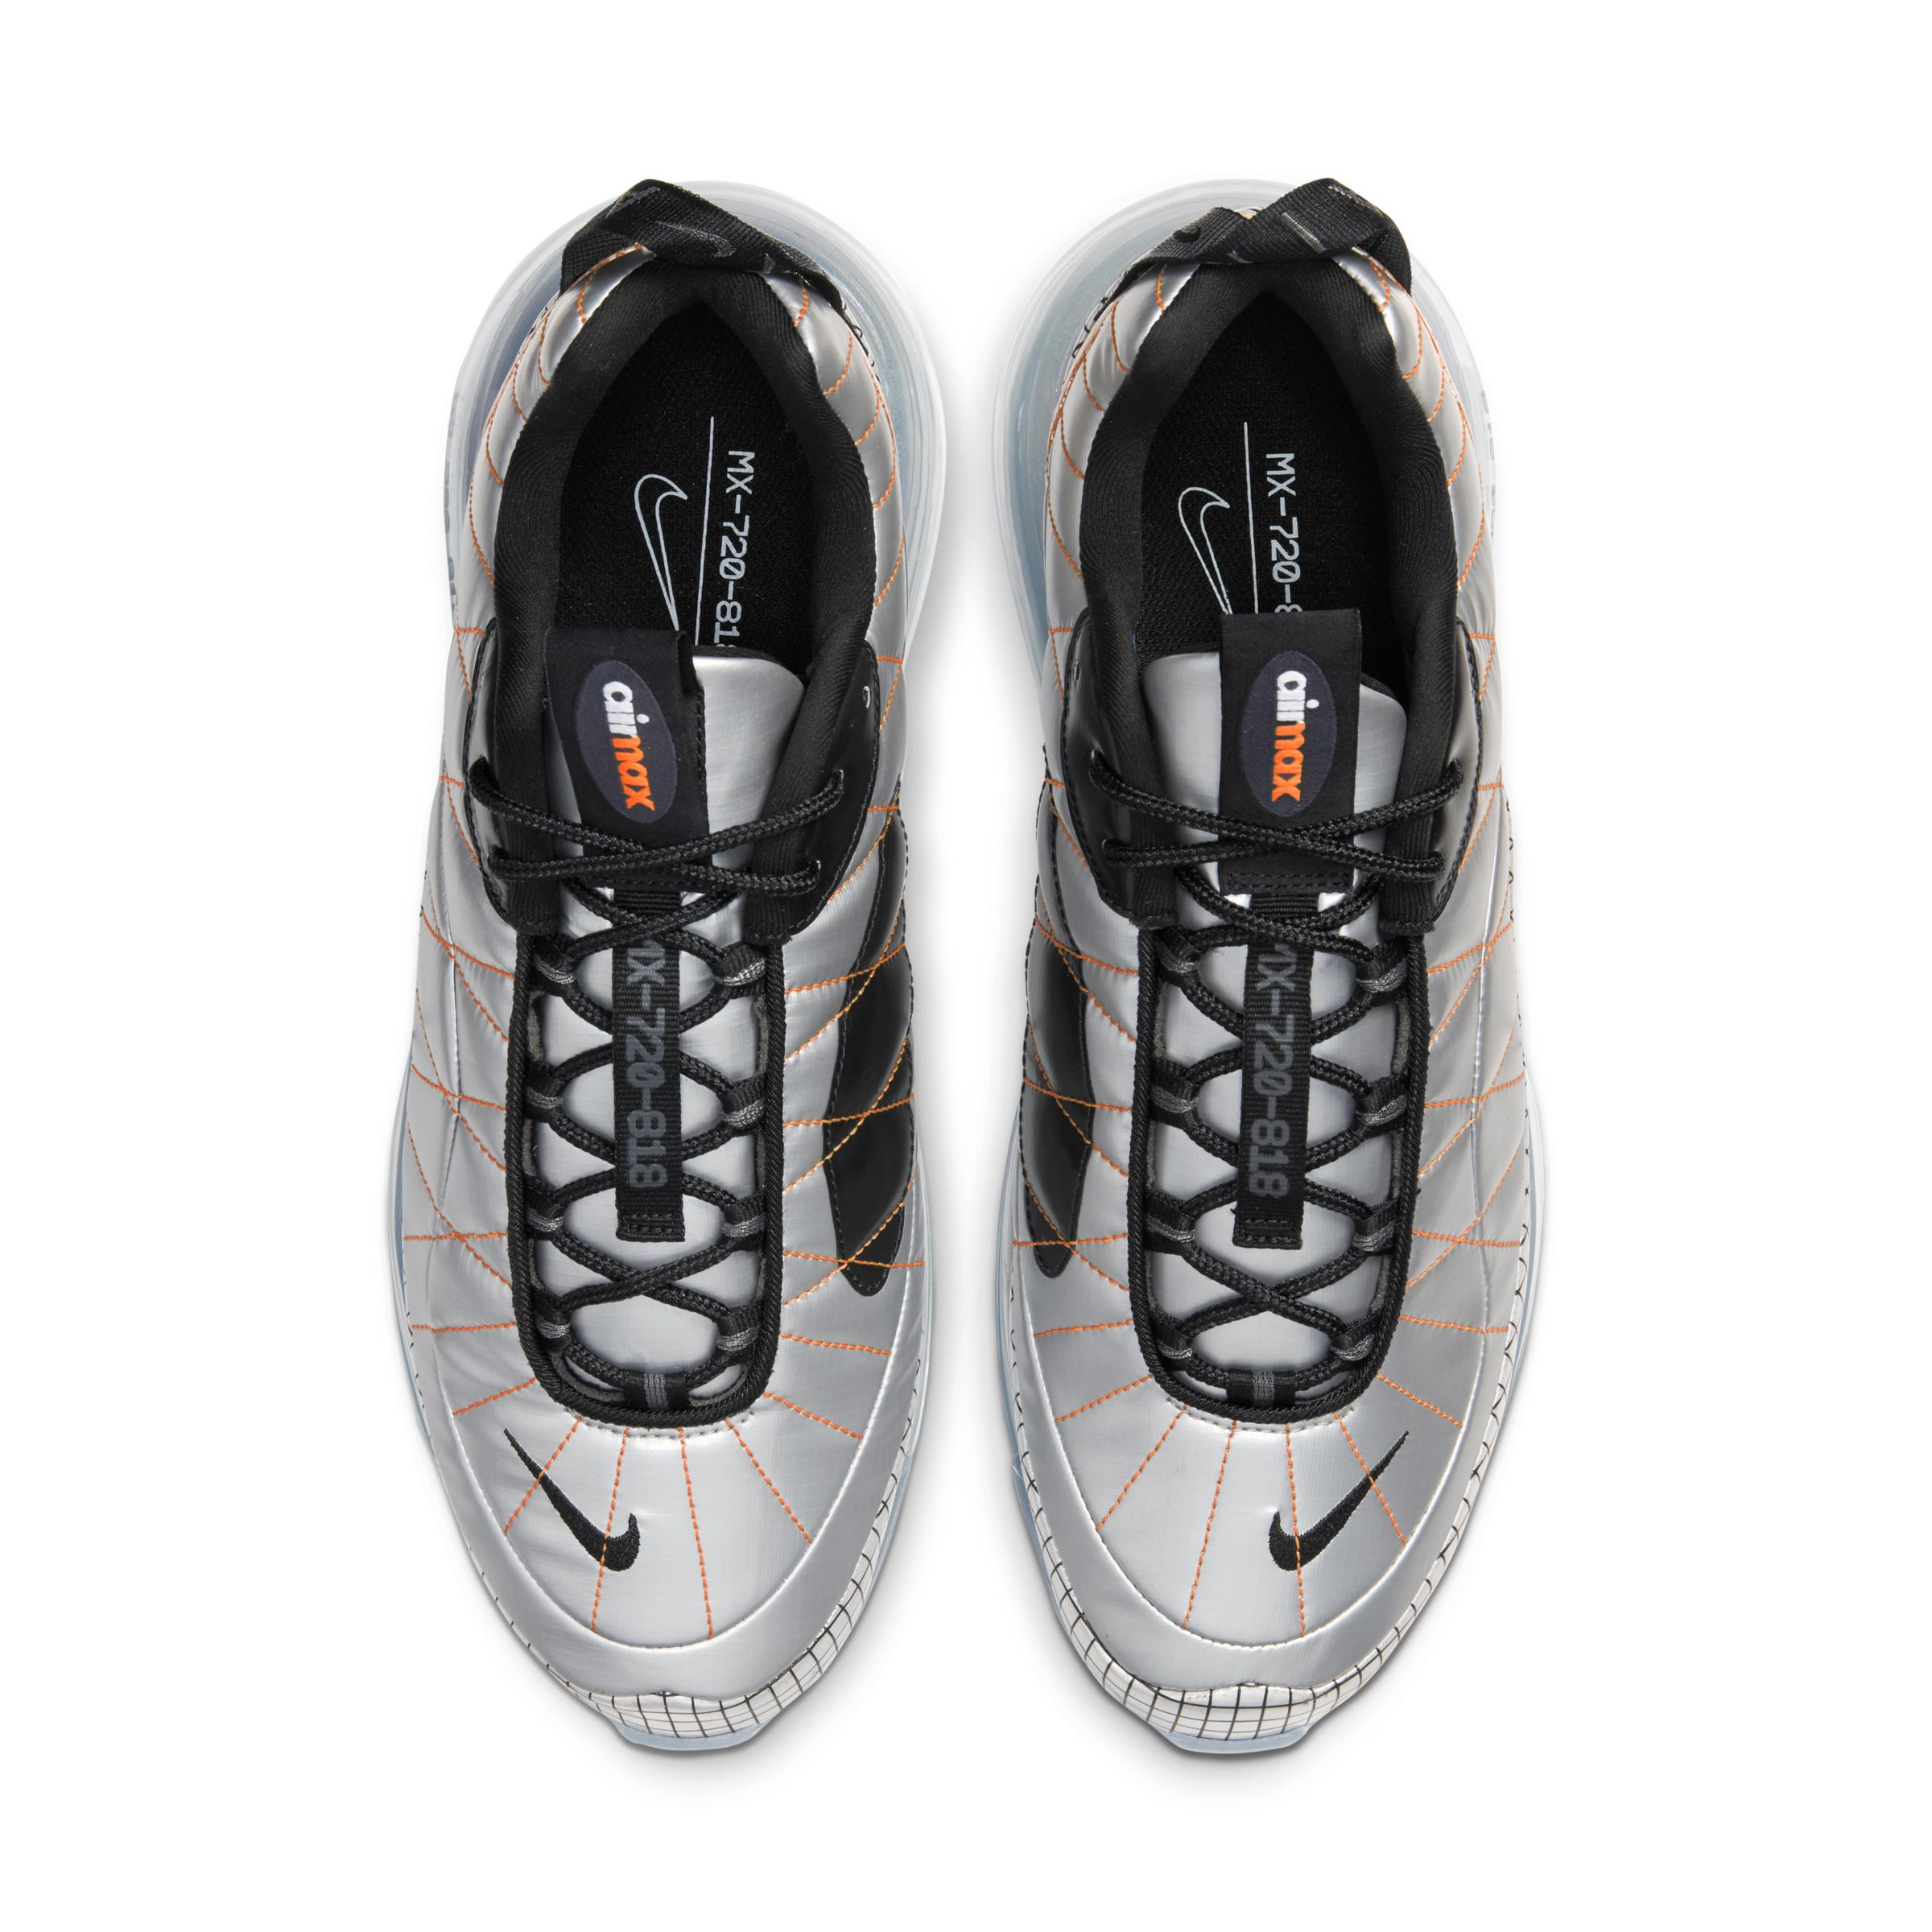 Chaussure MX-720-818 pour Nike pour homme en coloris Métallisé